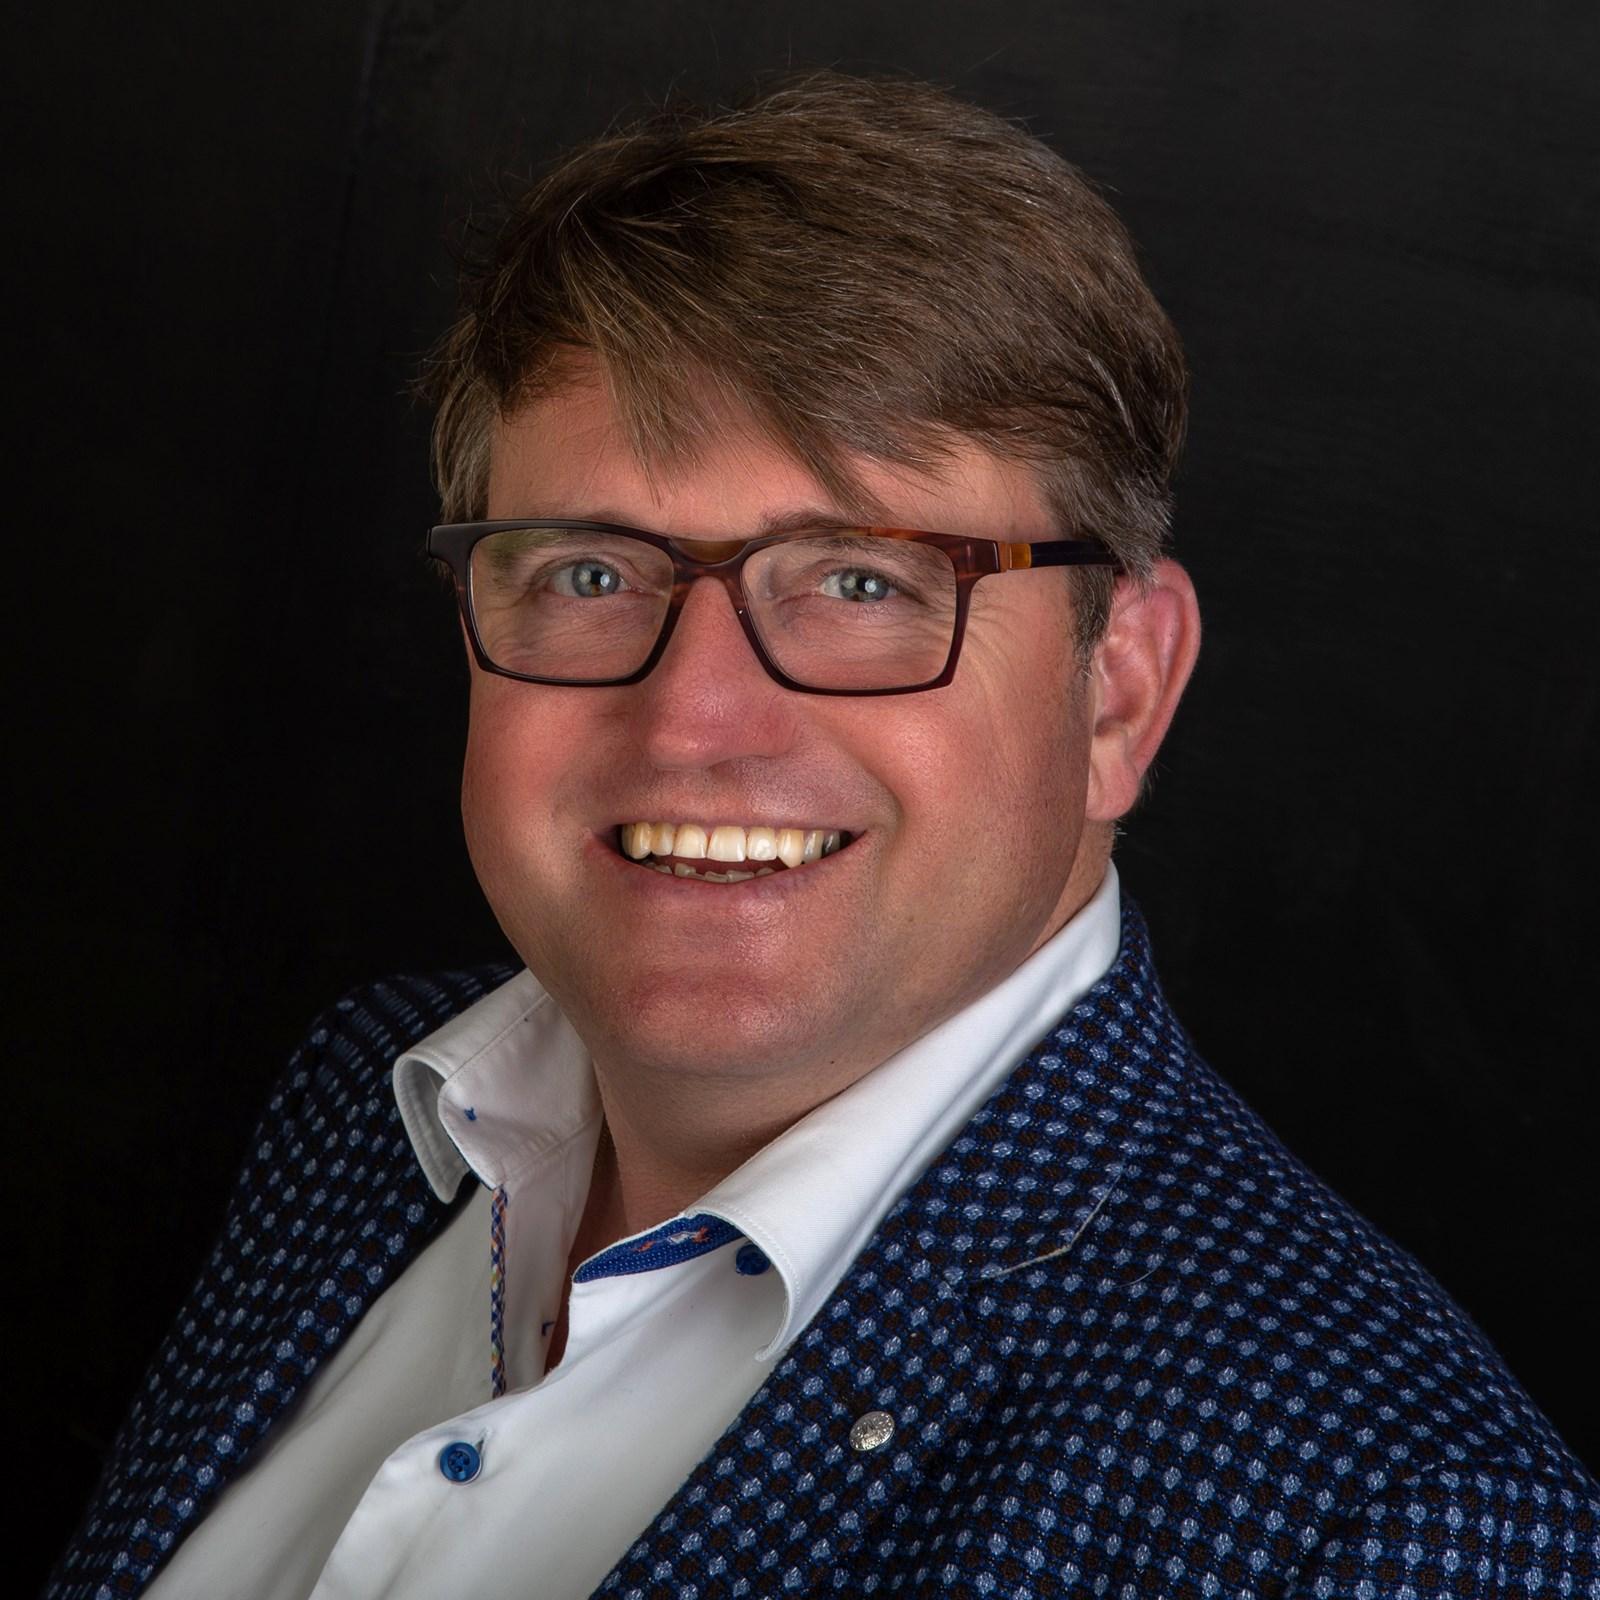 Foto van Jaap van der Meer